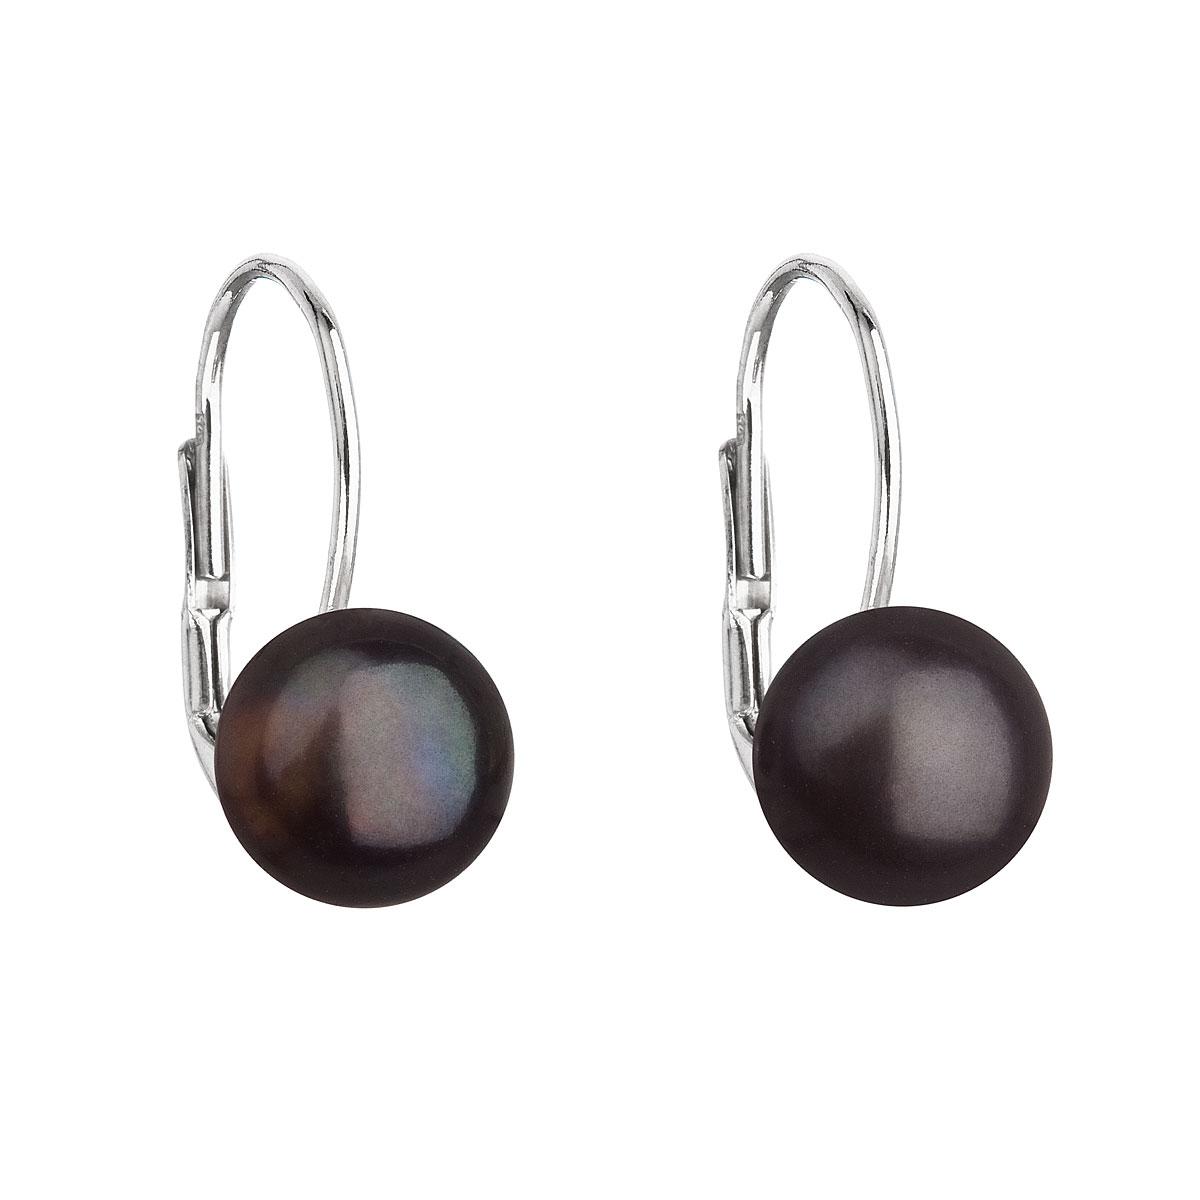 Evolution Group Stříbrné náušnice visací s černou říční perlou 21044.3